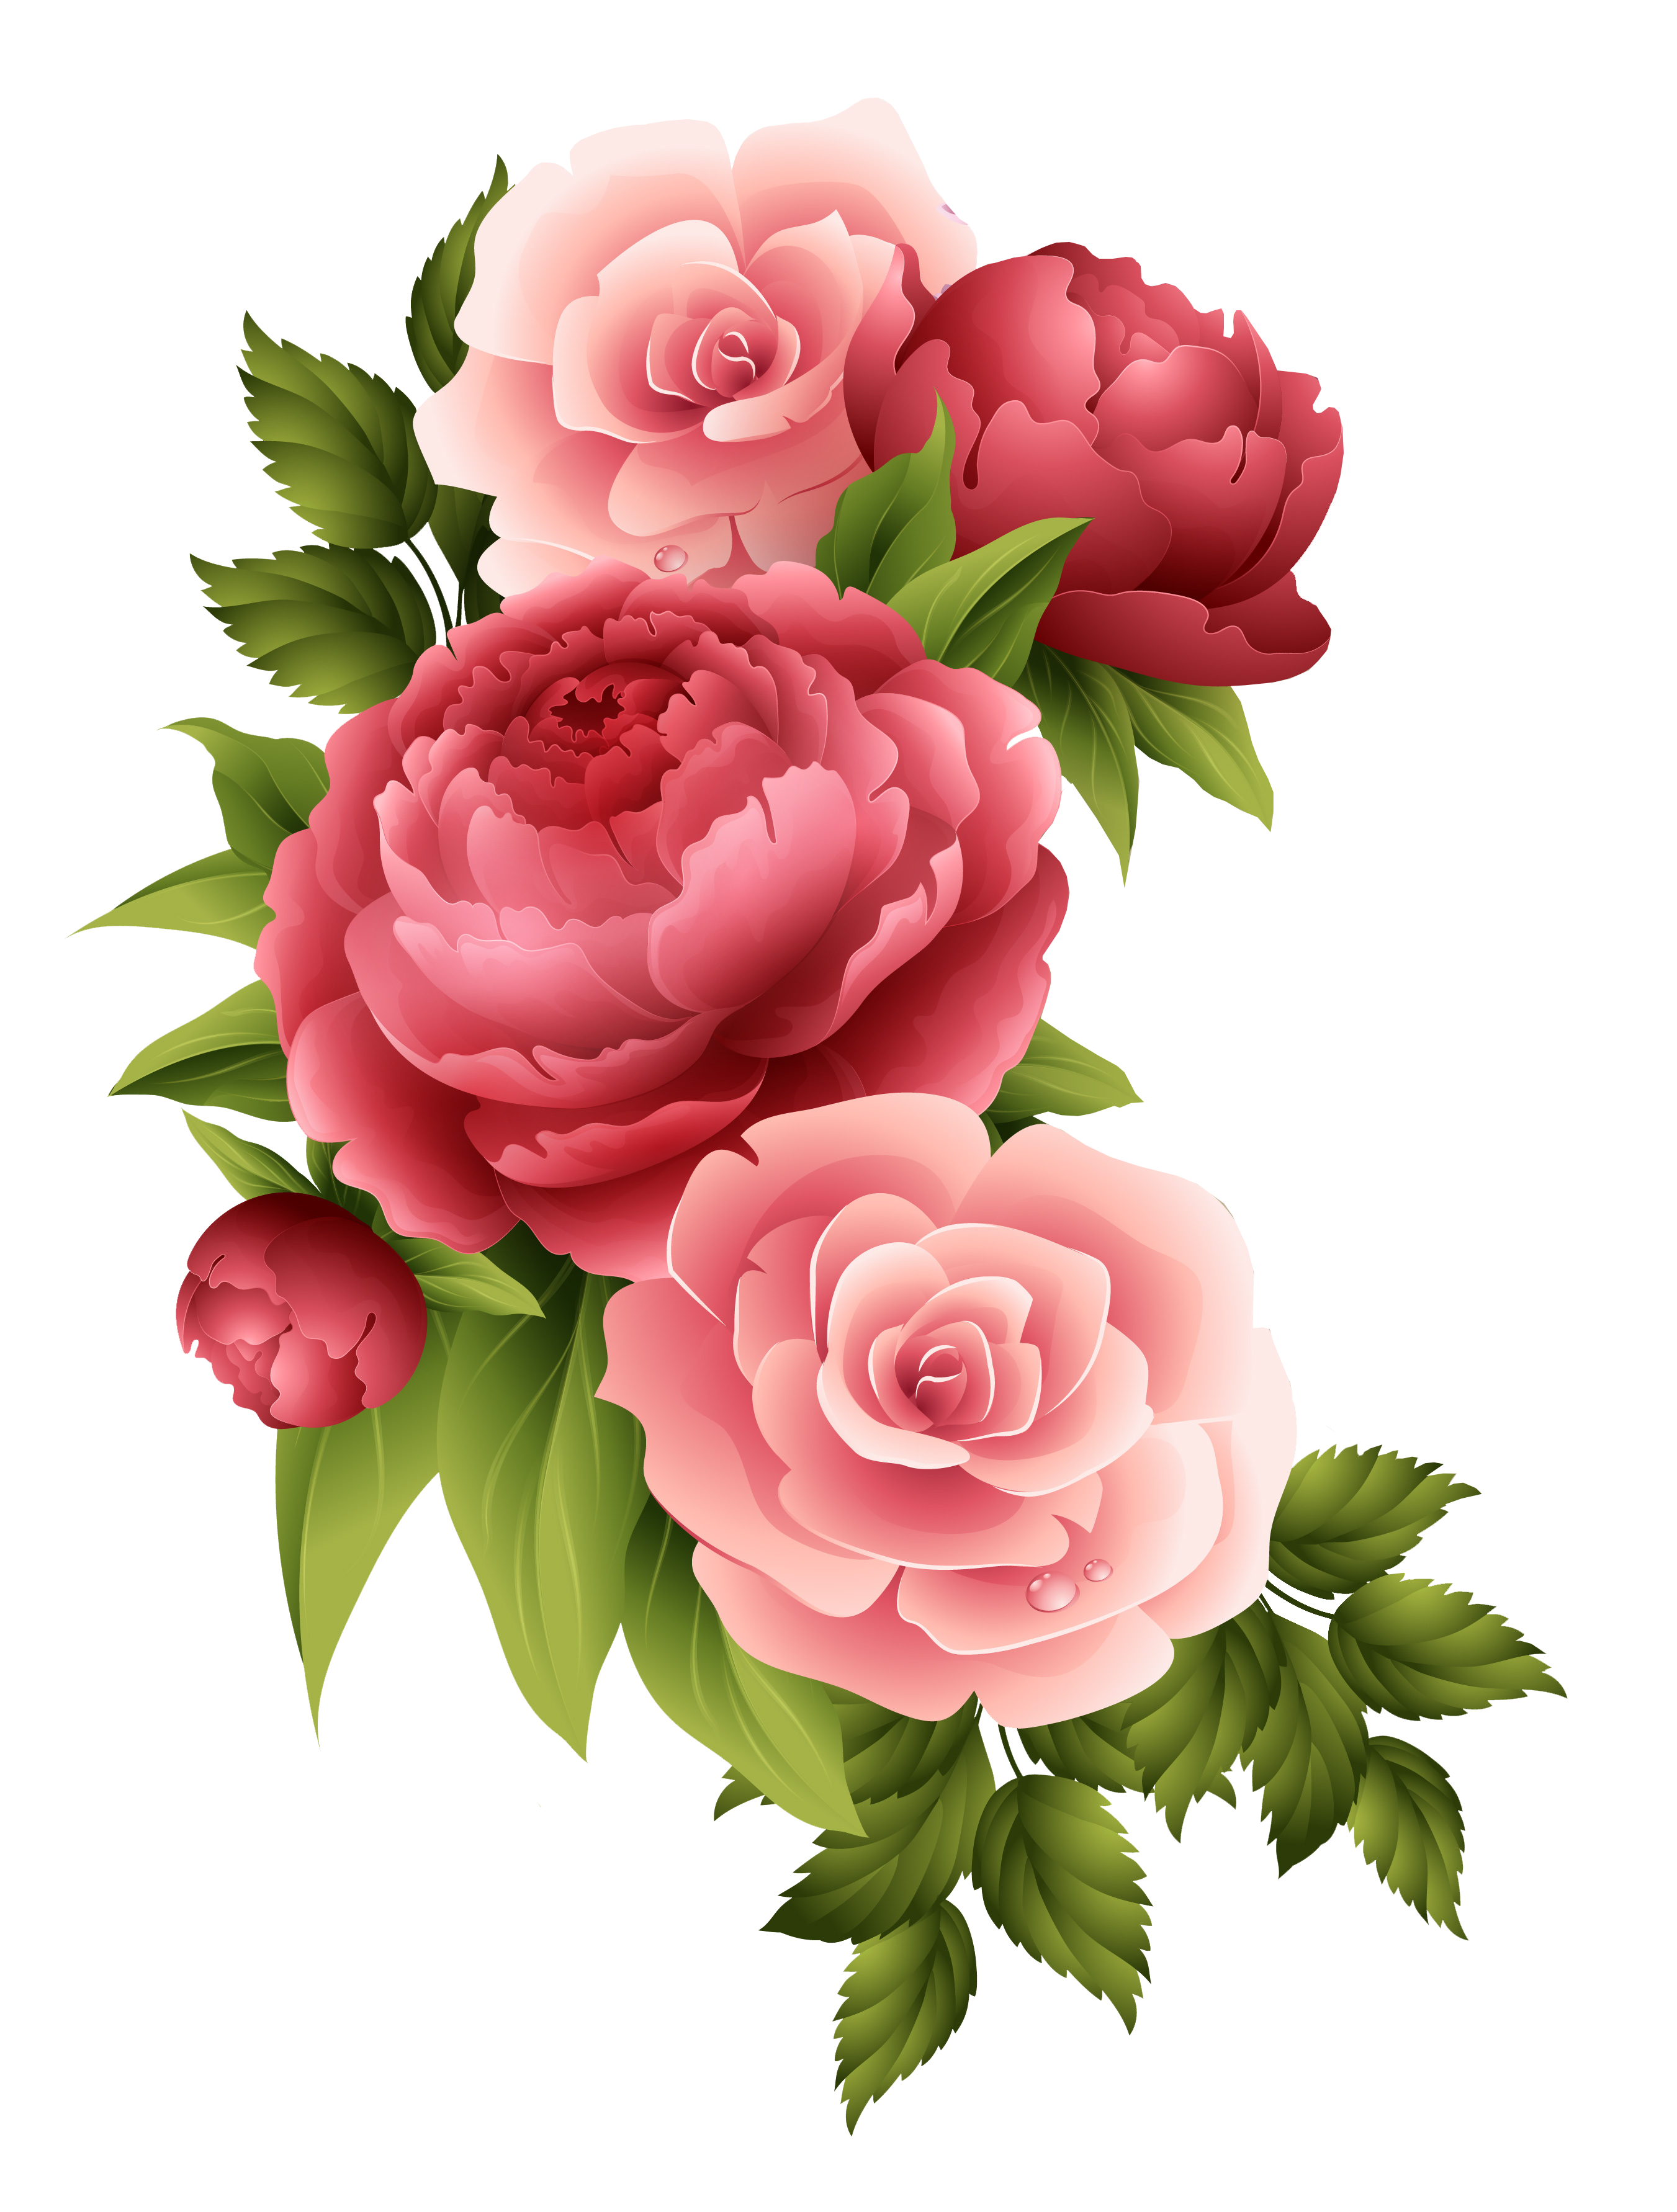 Vintage Roses Pink Png Busqueda De Google Rosas Vermelhas Escuras Adesivos De Unhas Impressos Rosas Vermelhas